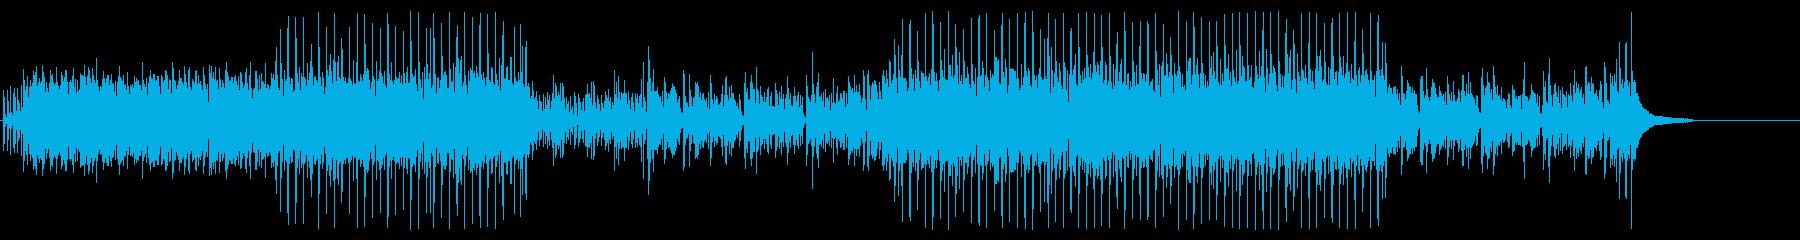 キラキラでかわいいアコギと鉄琴の再生済みの波形